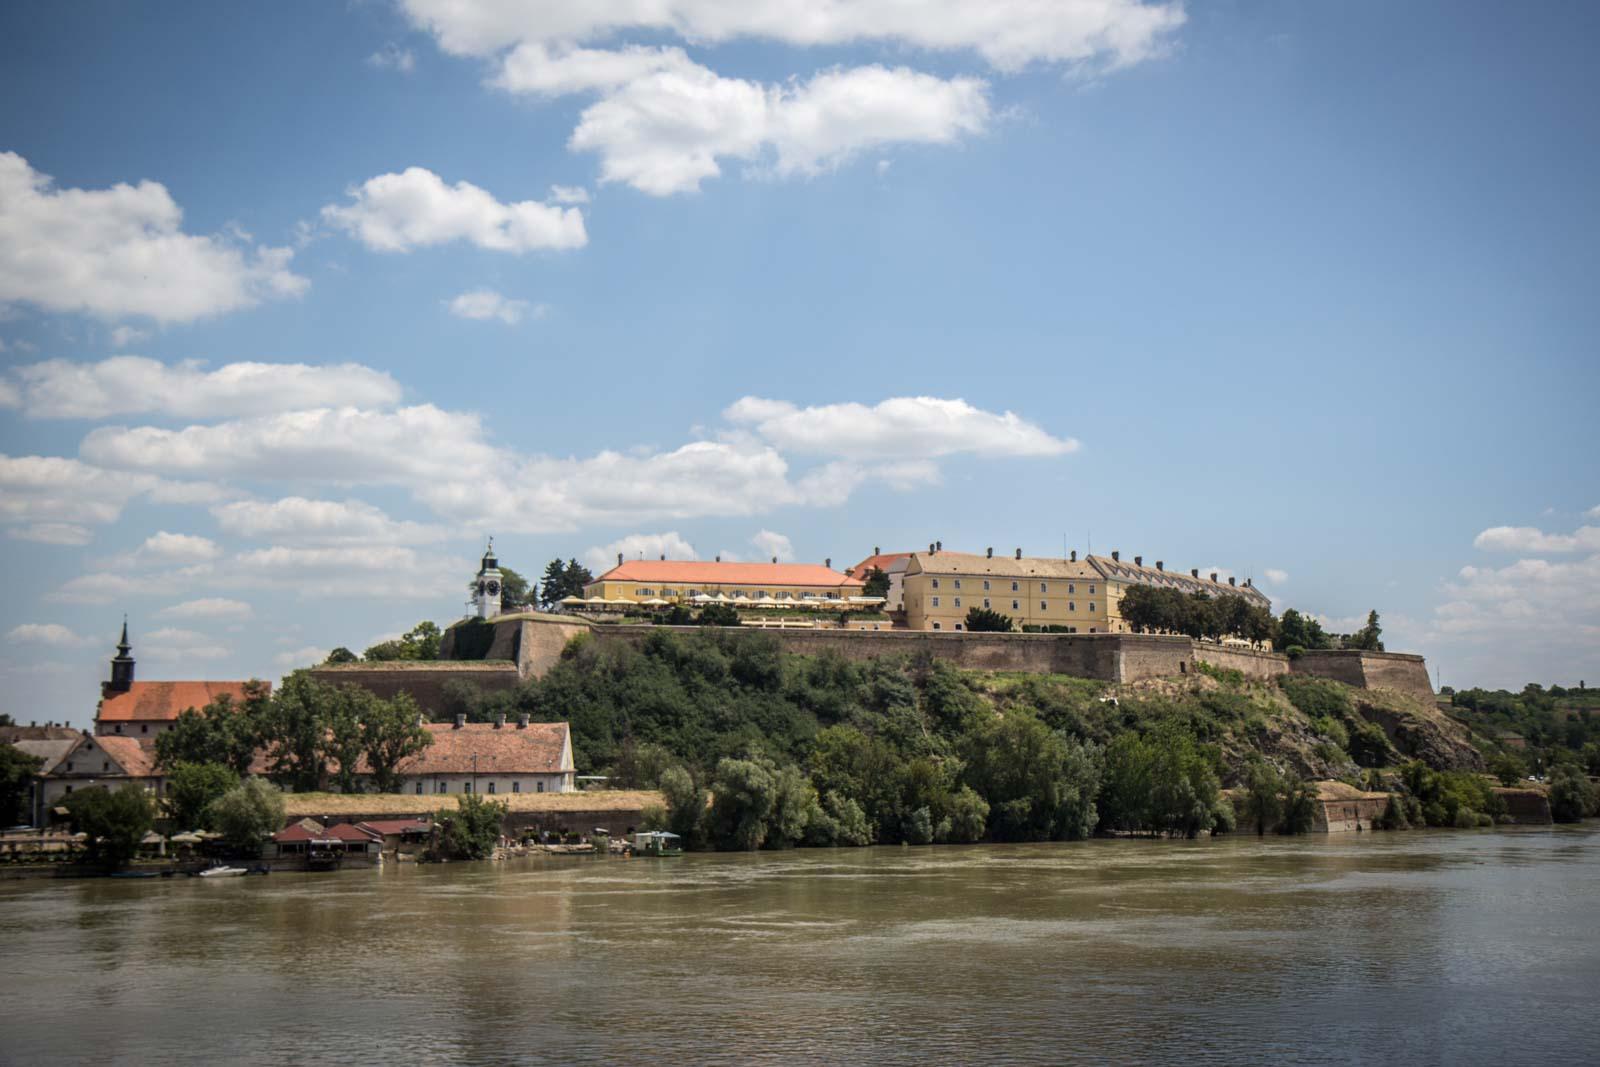 Arriving in Serbia to Novi Sad